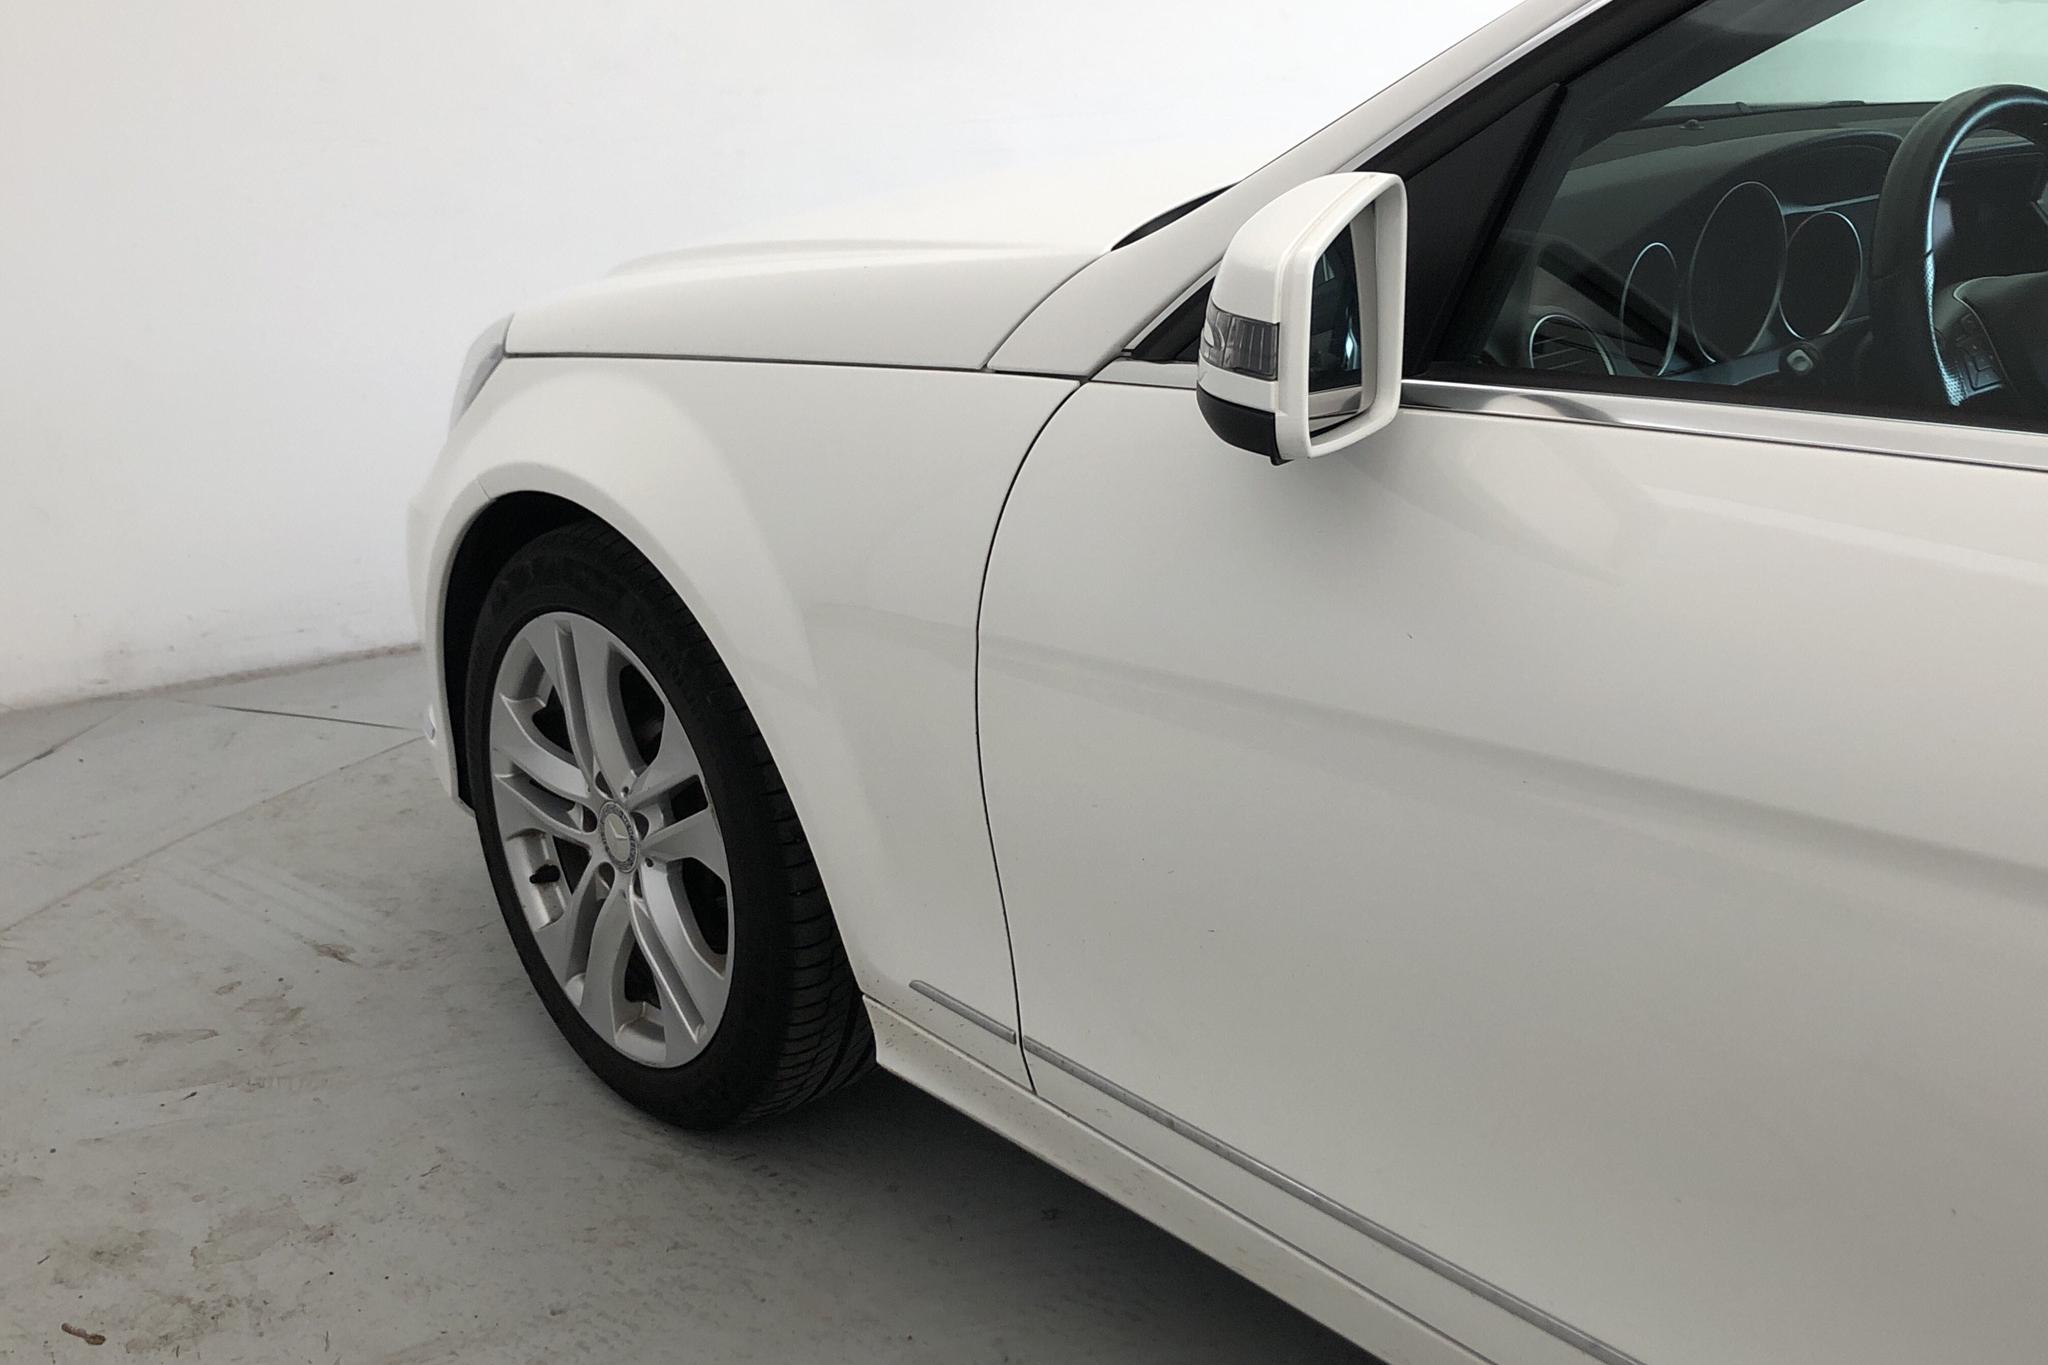 Mercedes C 180 W204 (156hk) - 17 913 mil - Manuell - vit - 2013